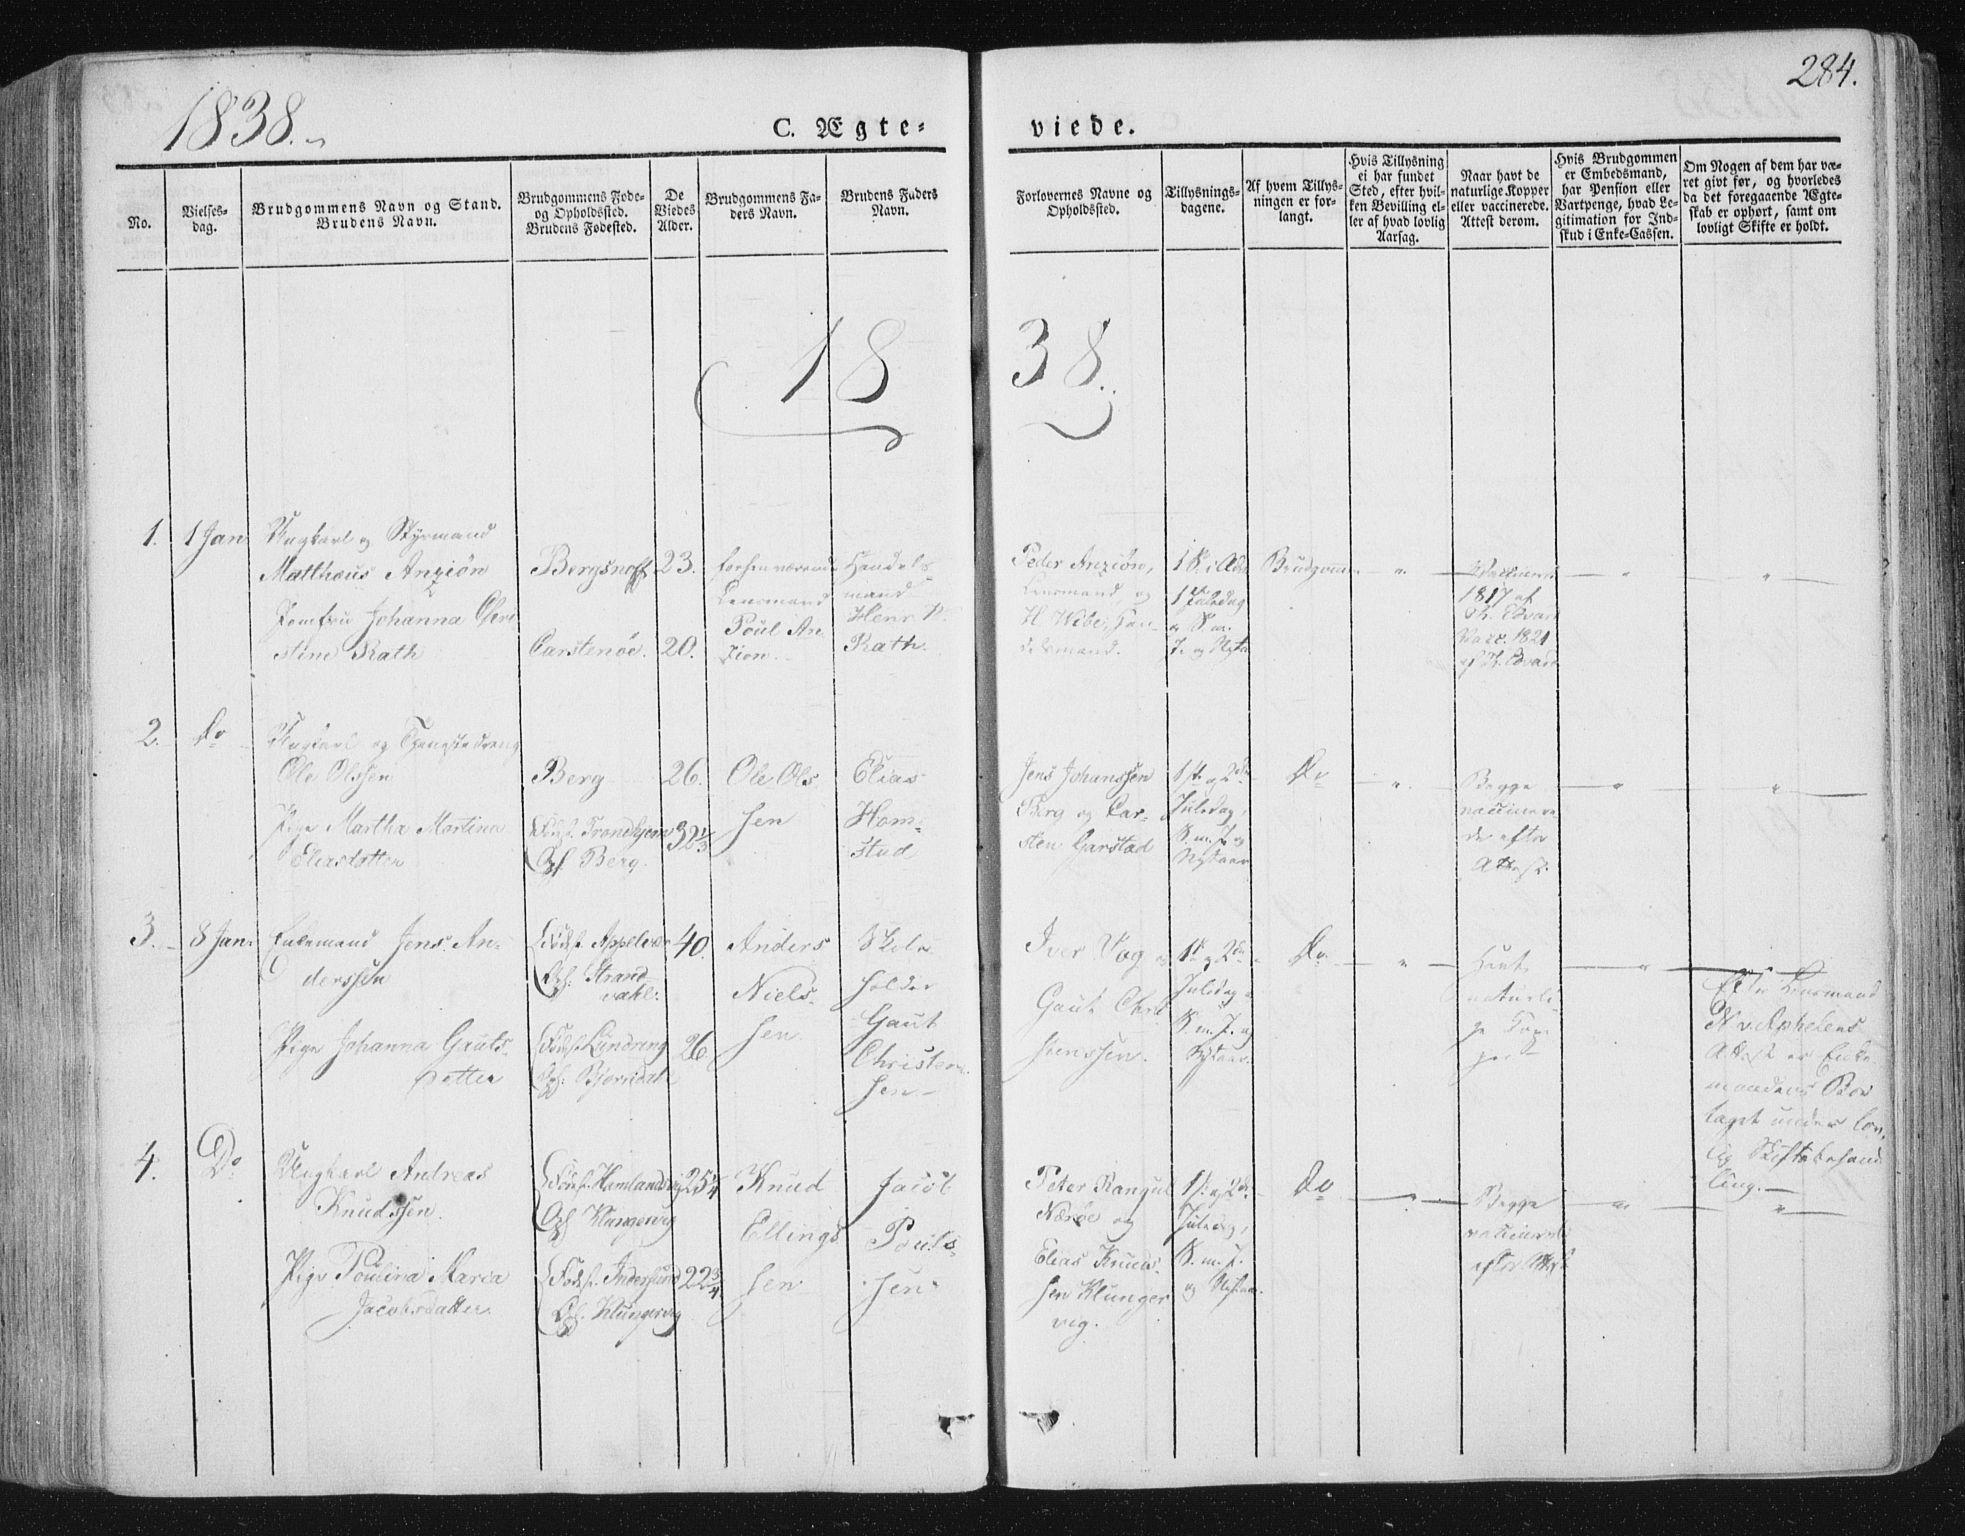 SAT, Ministerialprotokoller, klokkerbøker og fødselsregistre - Nord-Trøndelag, 784/L0669: Ministerialbok nr. 784A04, 1829-1859, s. 284